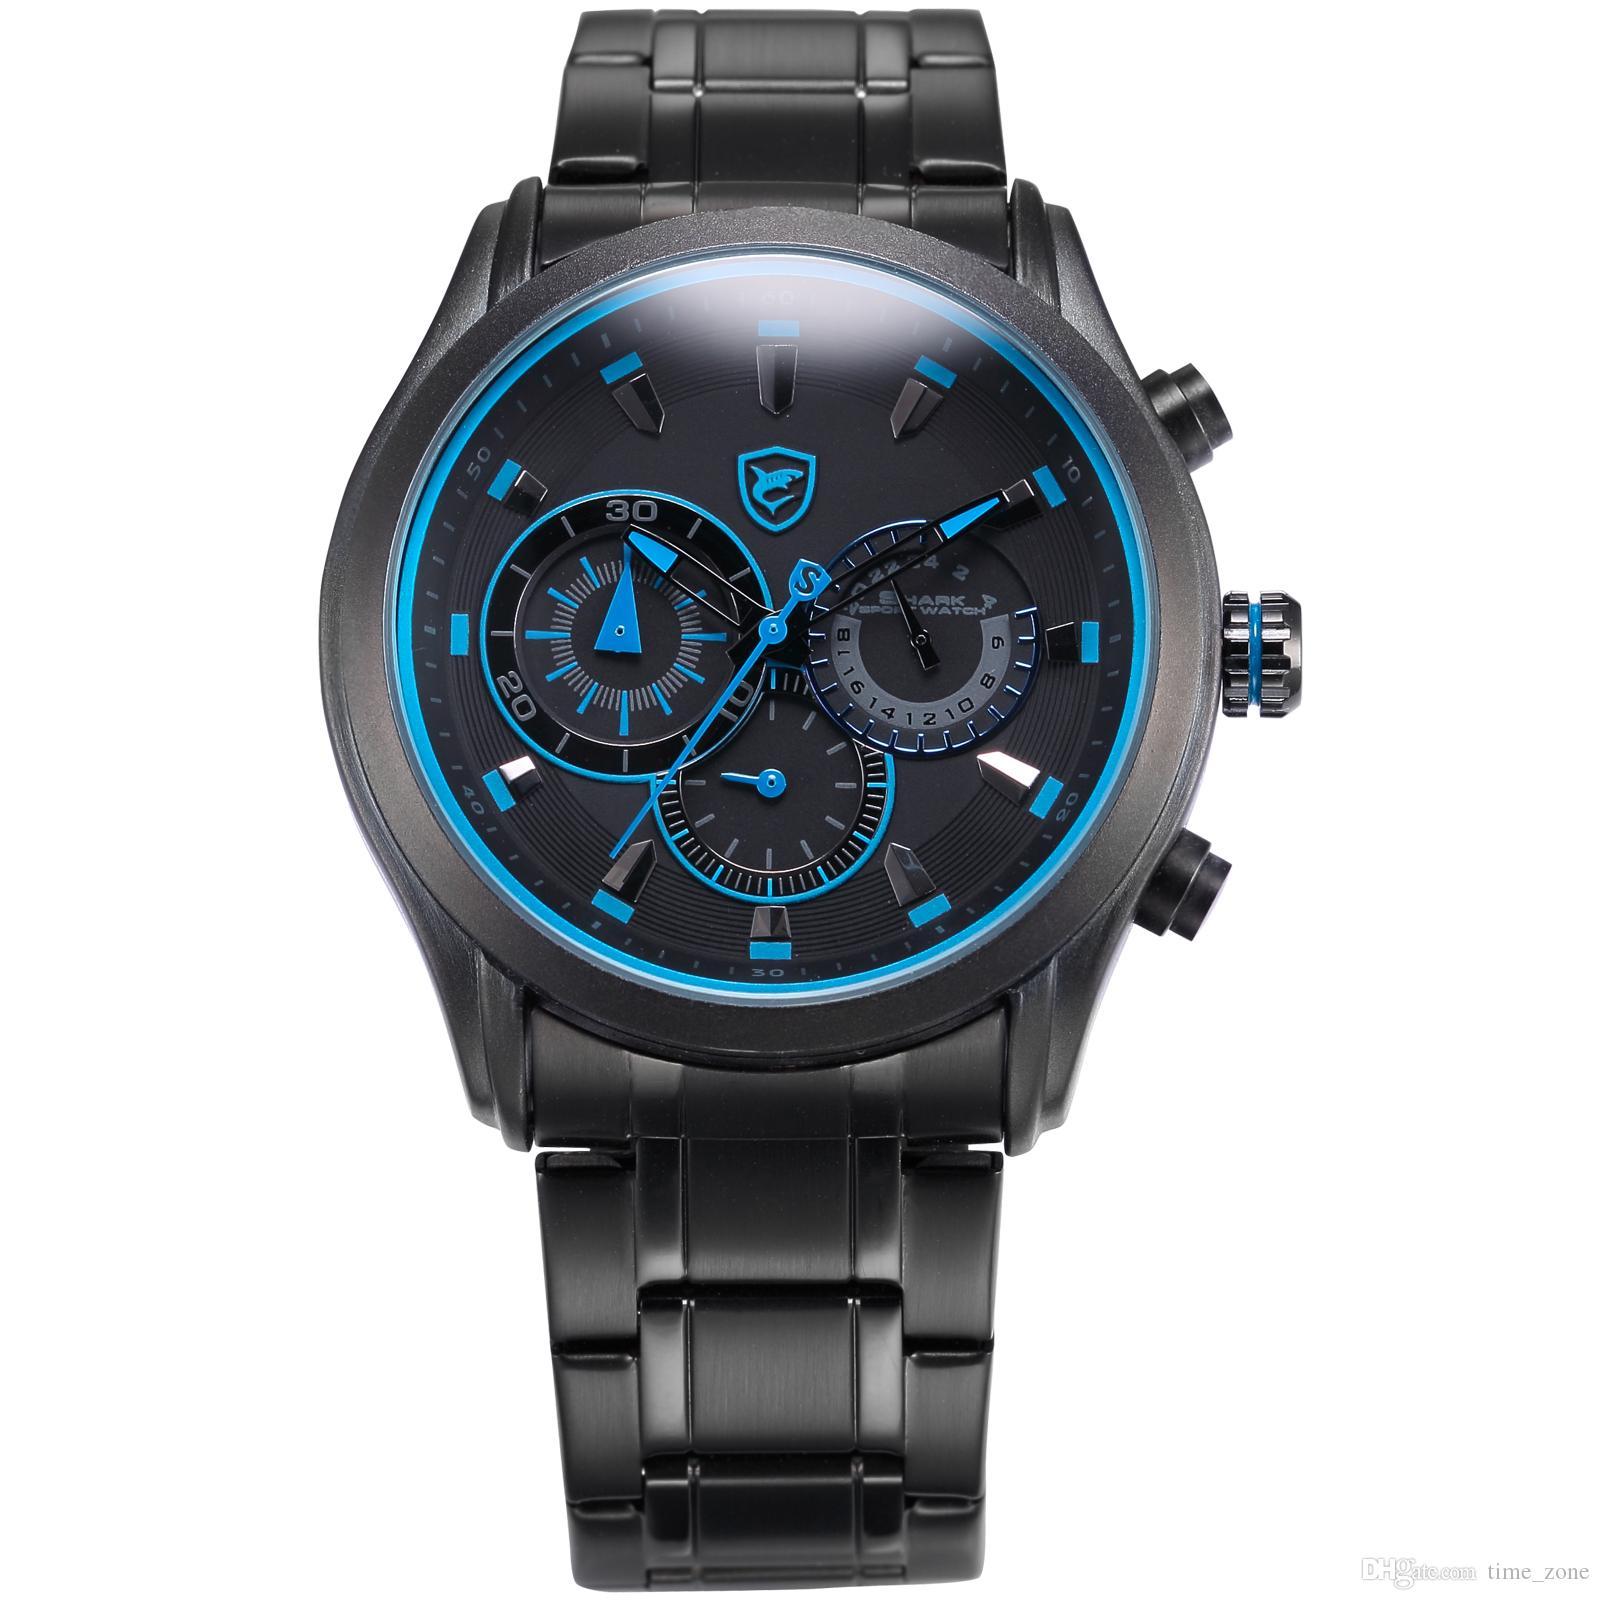 27501a00907 Compre Faixa De Tubarão Preto Azul Dial Aço Inoxidável Strap 6 Mãos Display Relogio  Masculino Relógio De Pulso Dos Homens De Quartzo Moda   SH292 De ...